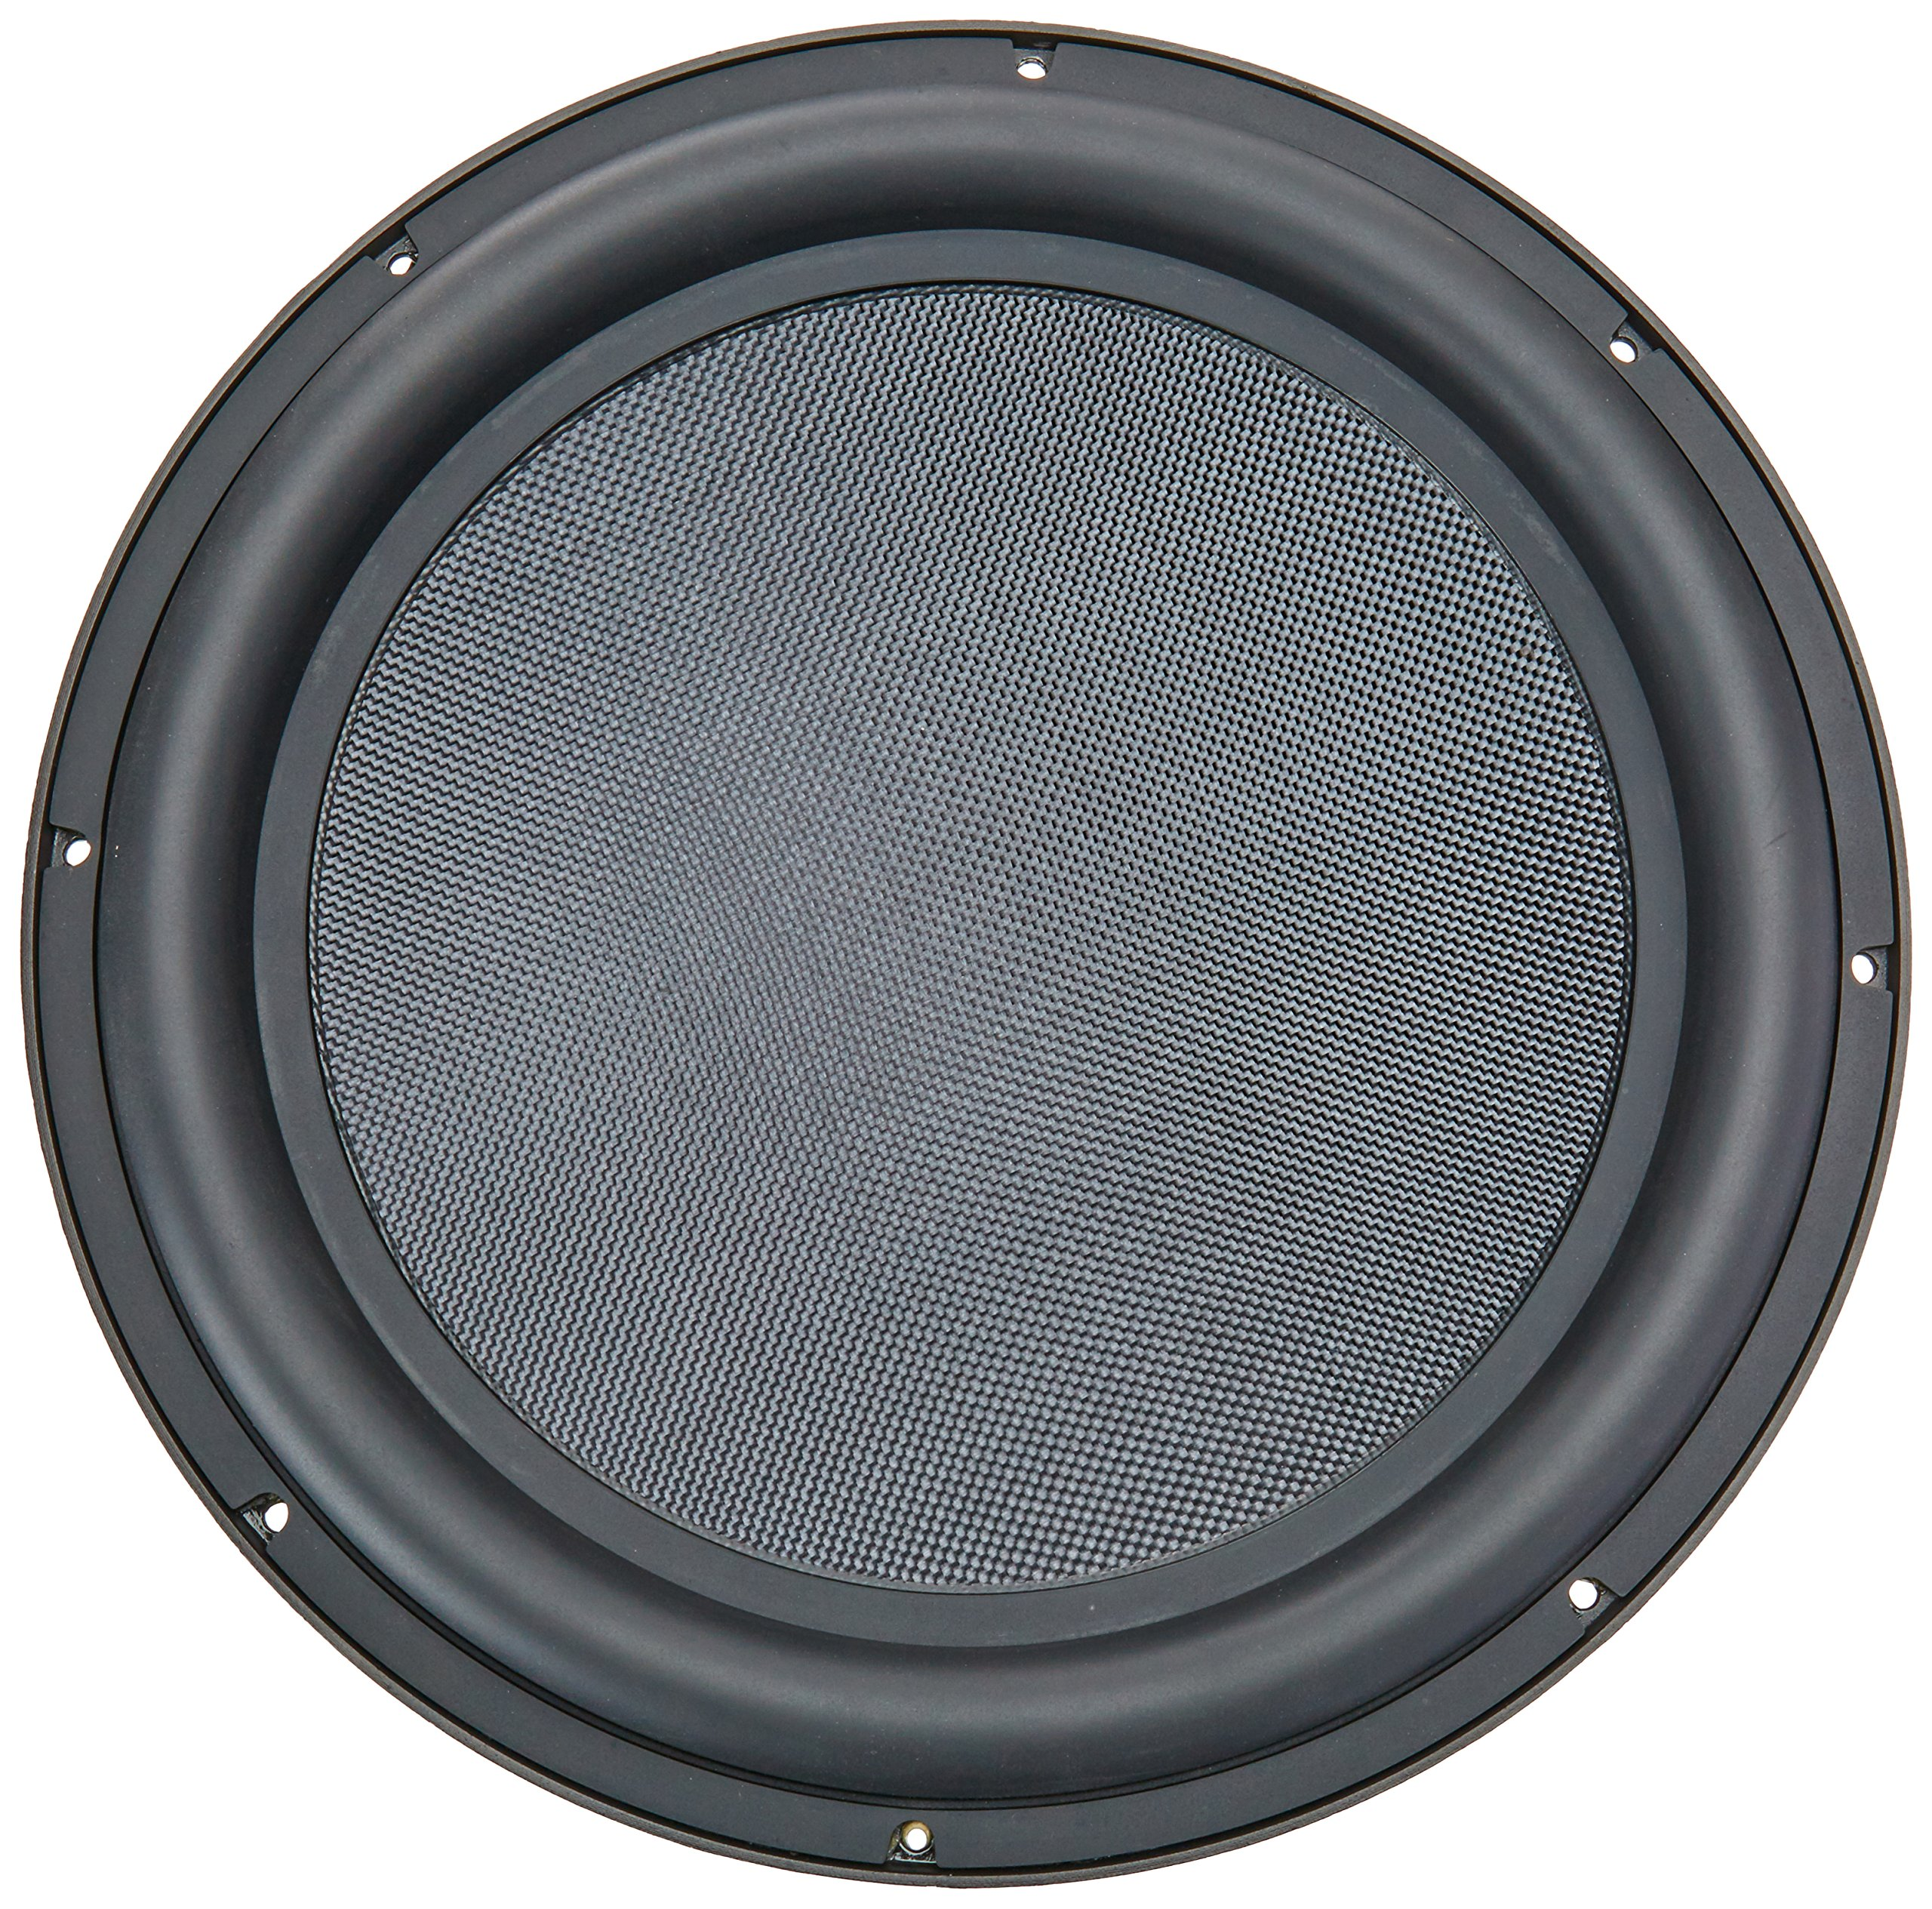 Dayton Audio UM18-22 18'' Ultimax DVC Subwoofer 2 ohms Per Coil